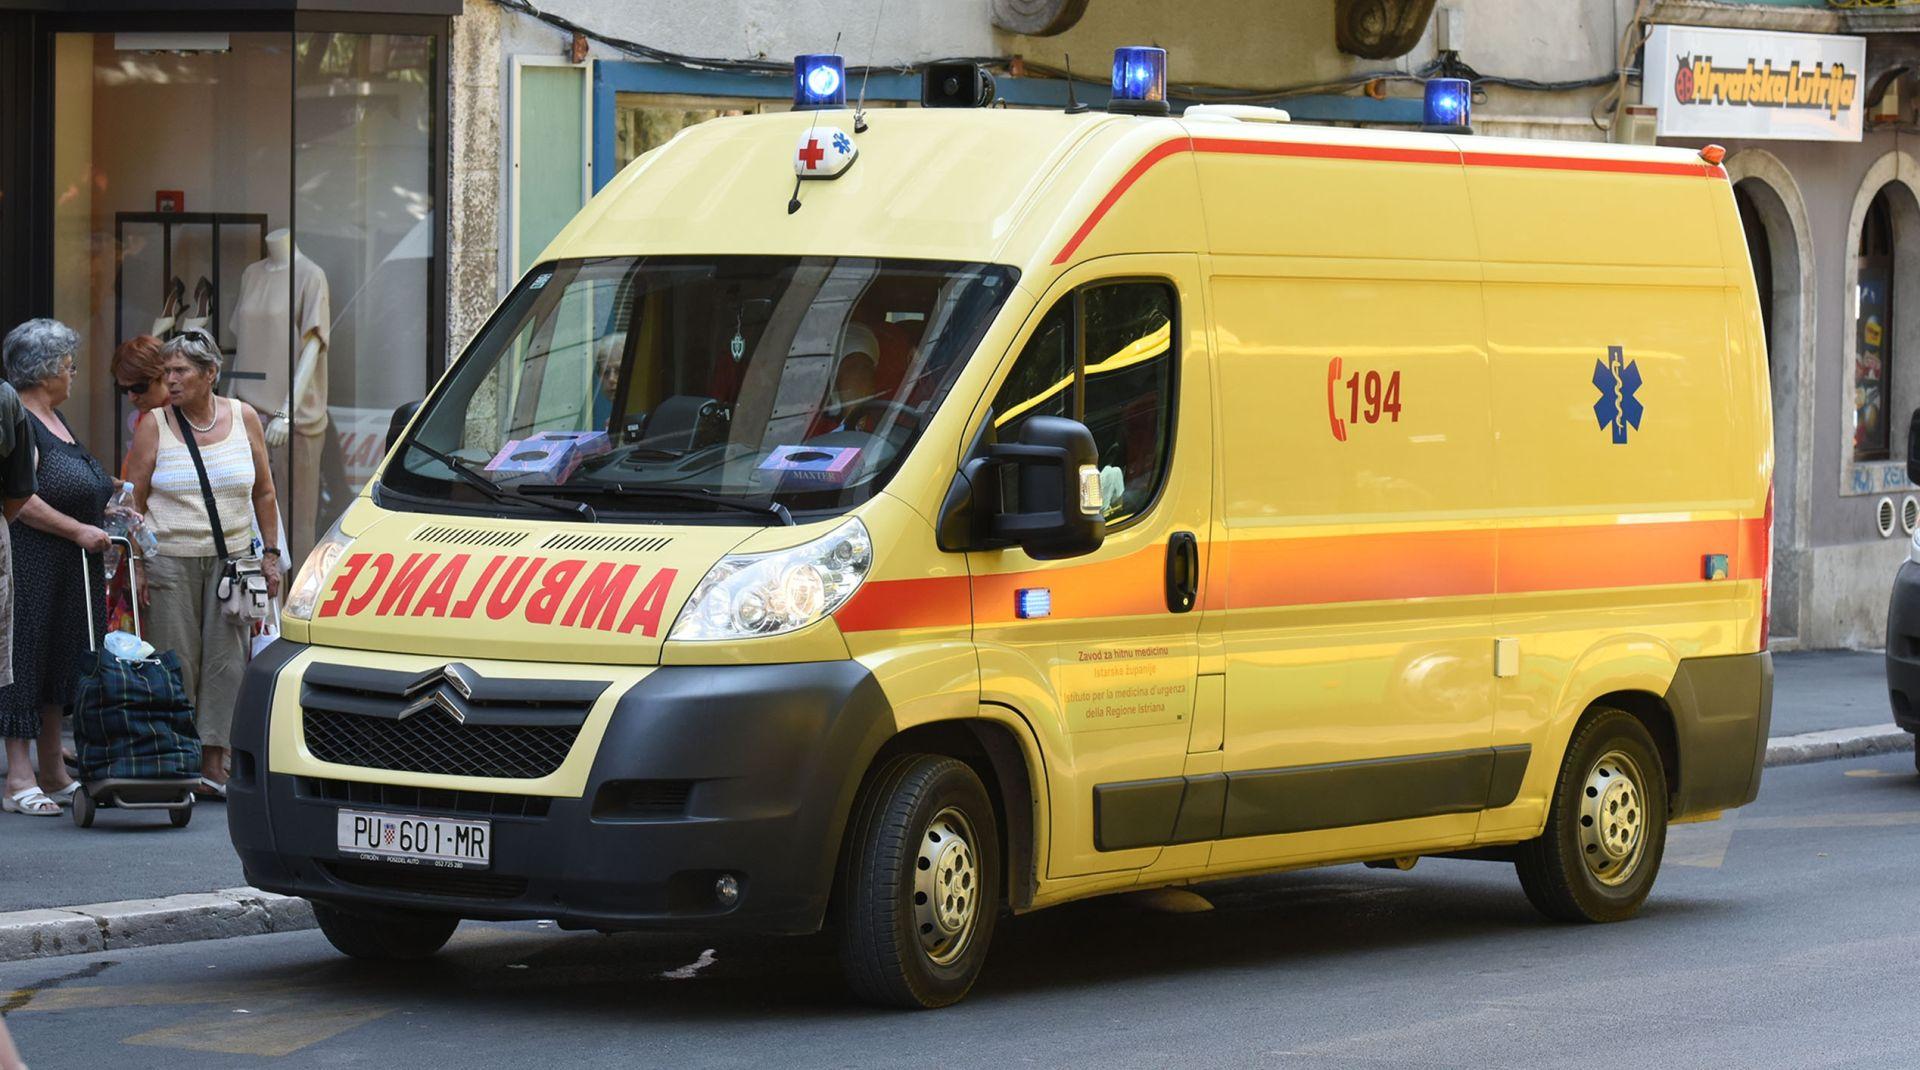 NESREĆA U BALAMA: U kampu Mon Perin poginuo 44-godišnji Talijan